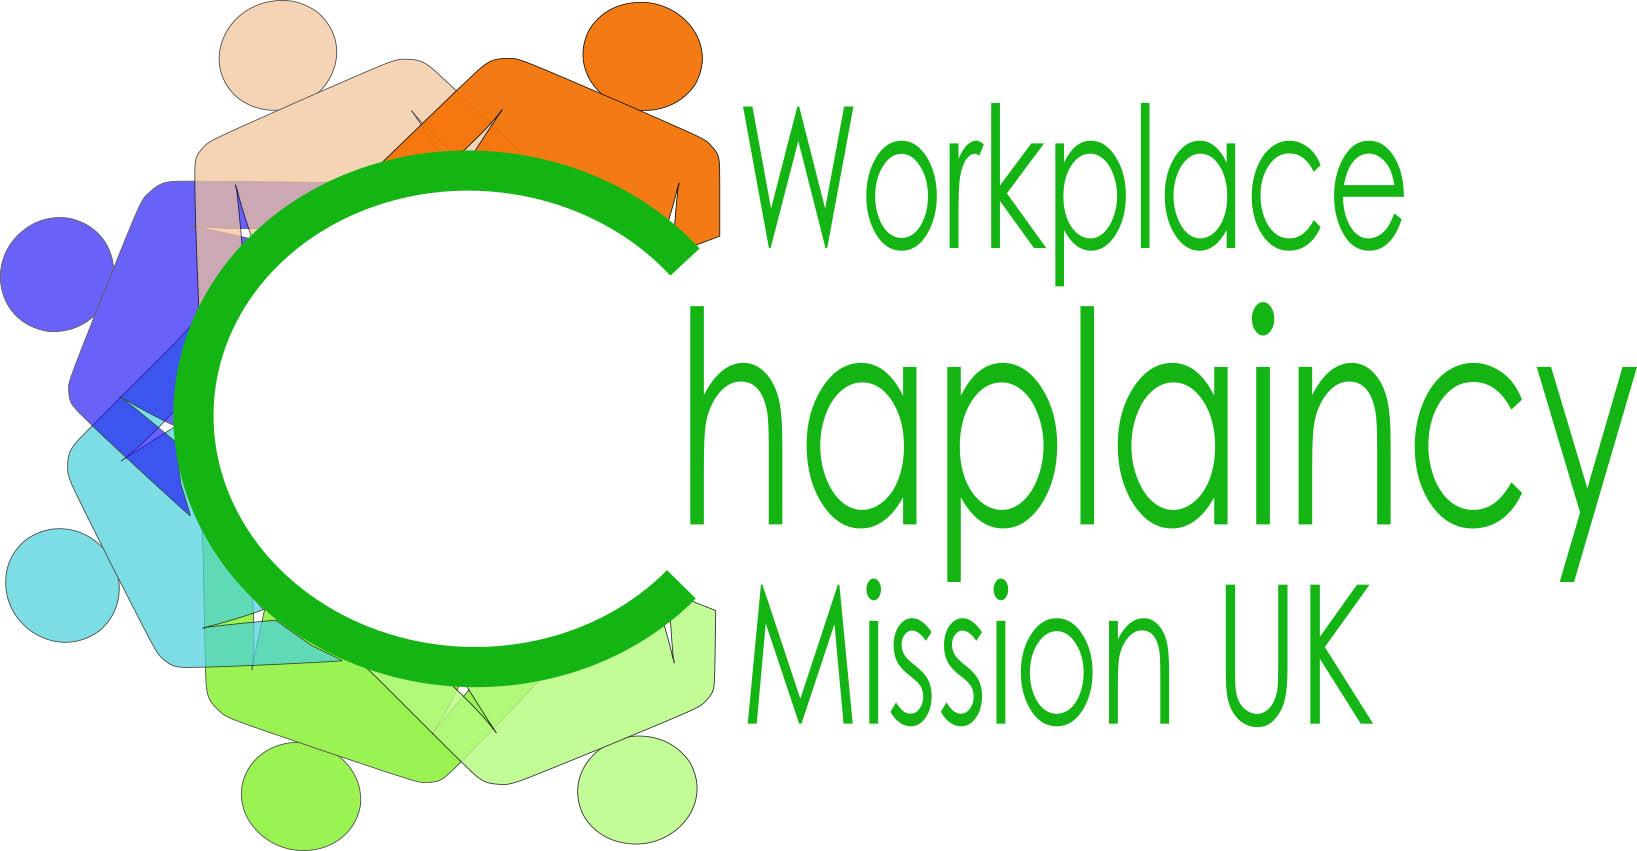 WCM UK logo